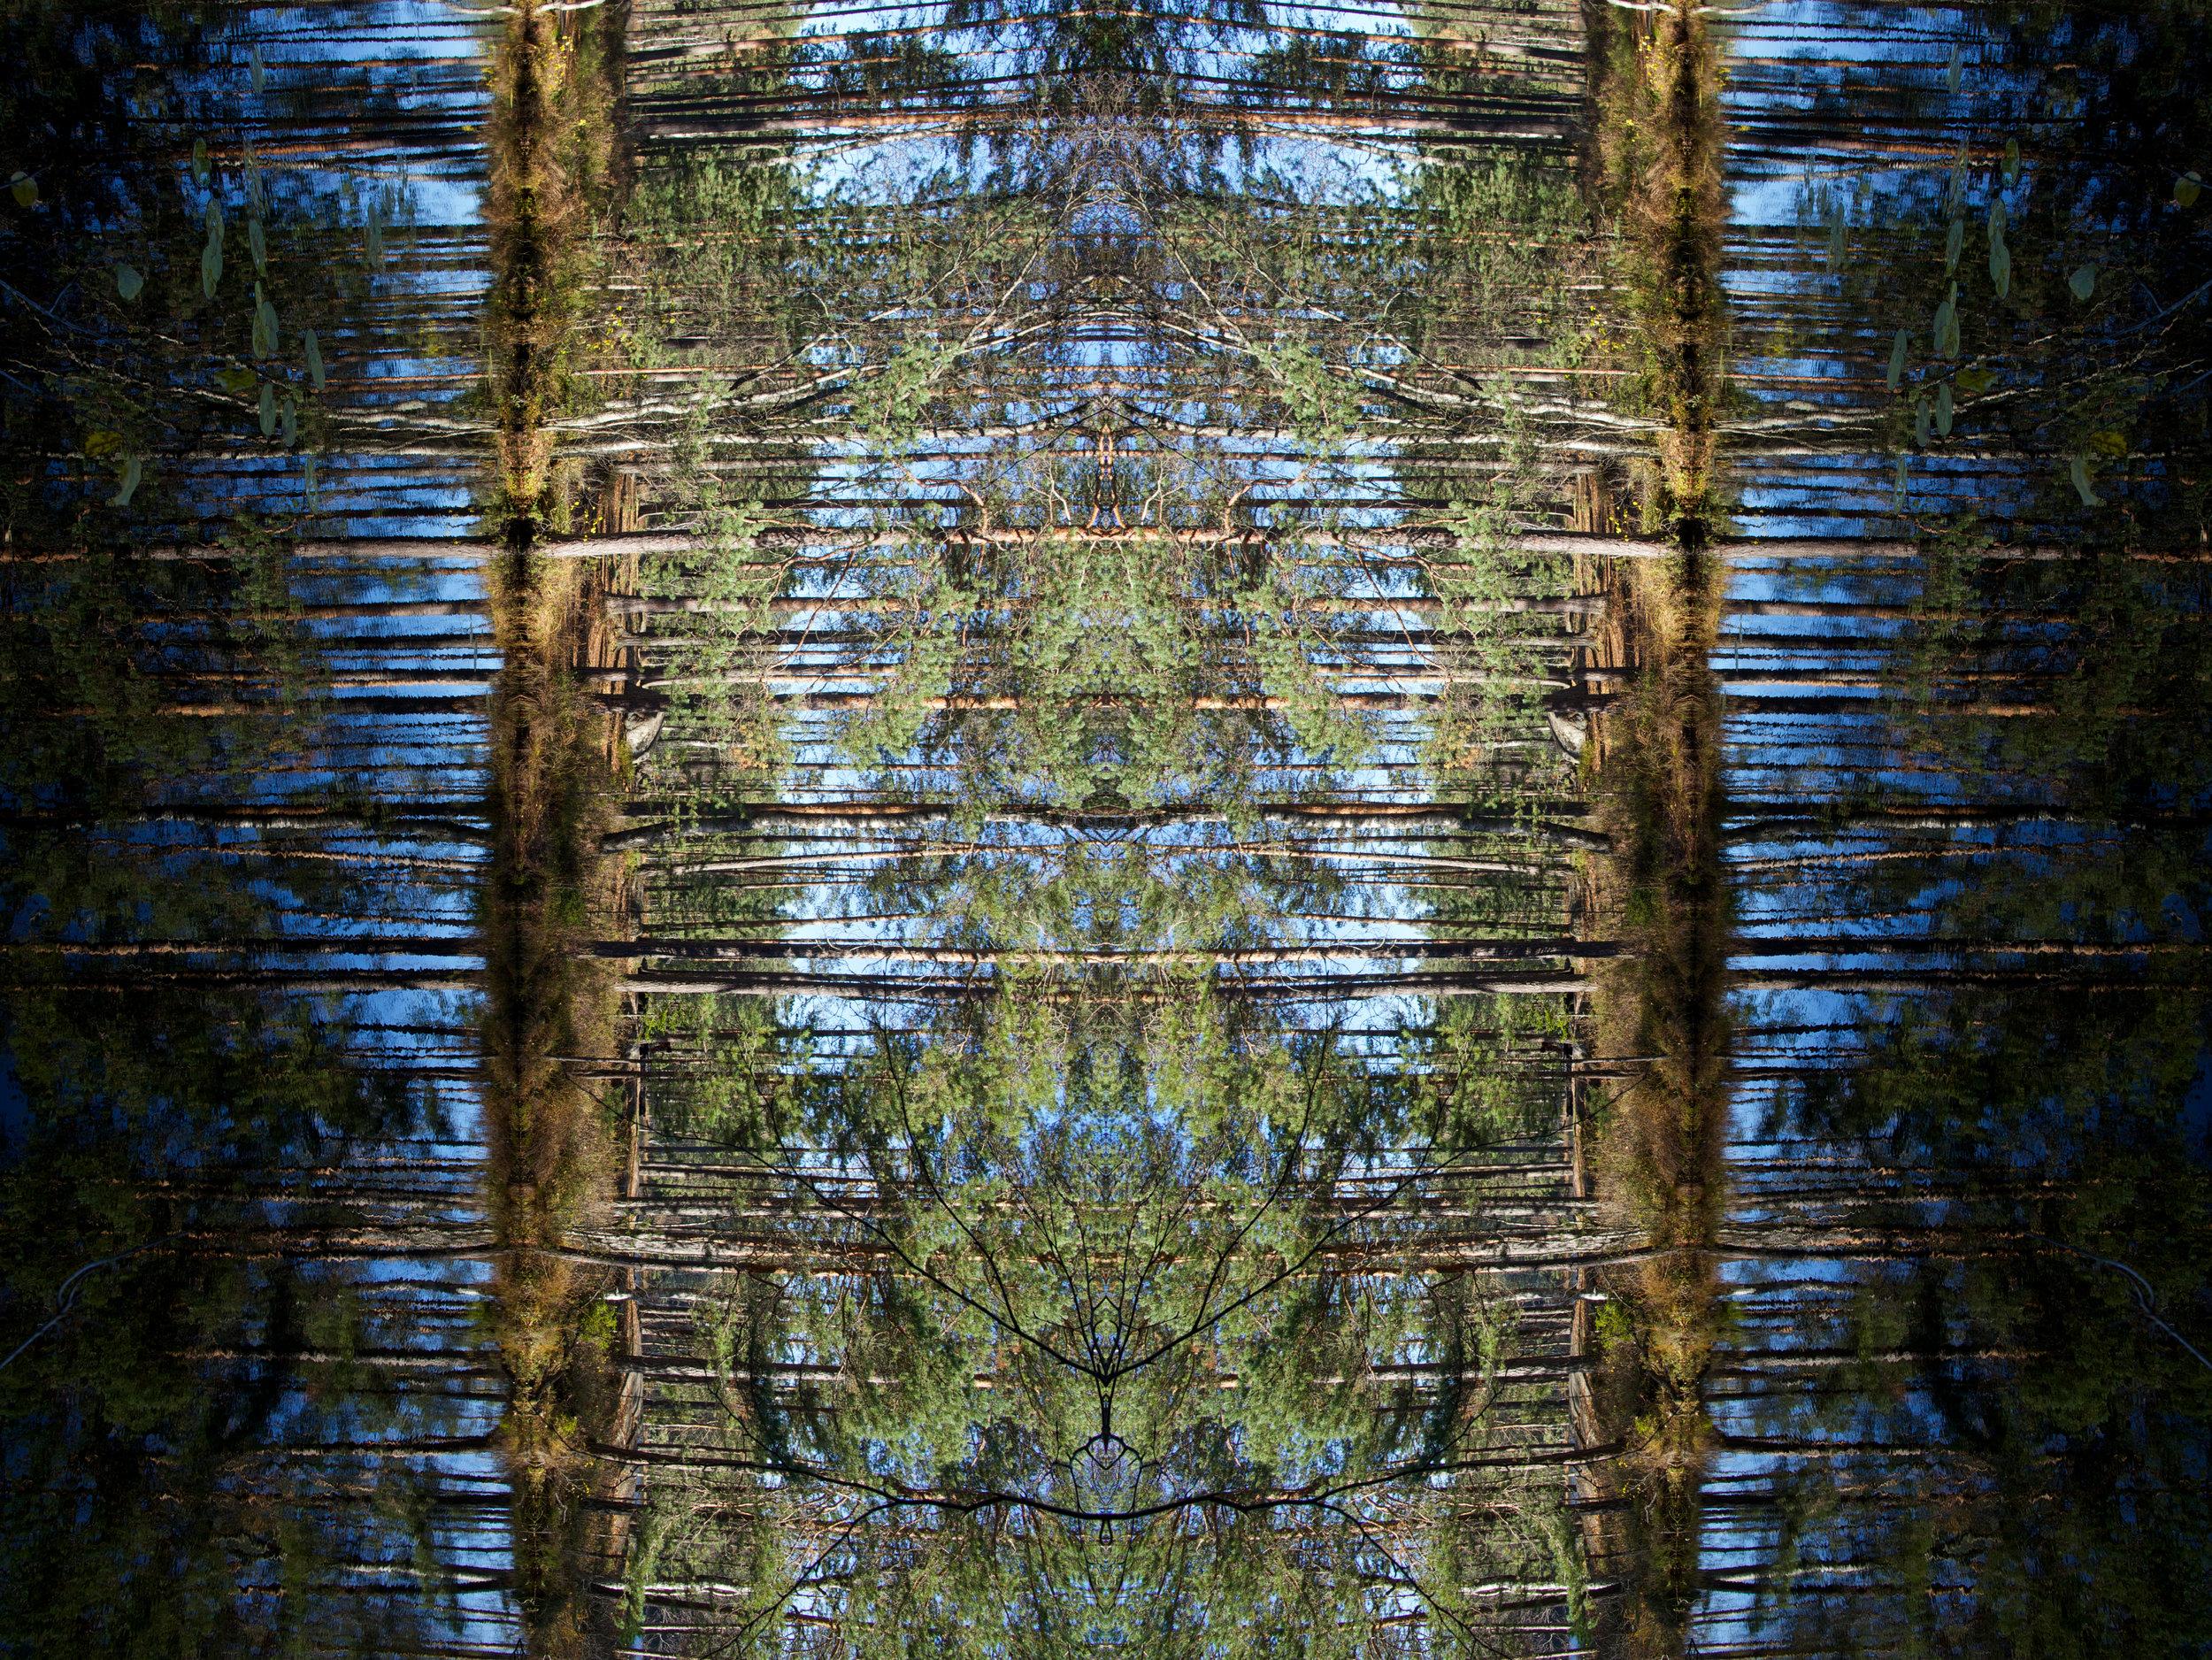 Mirror_Finland_Nuuksio_PeiliX.jpg